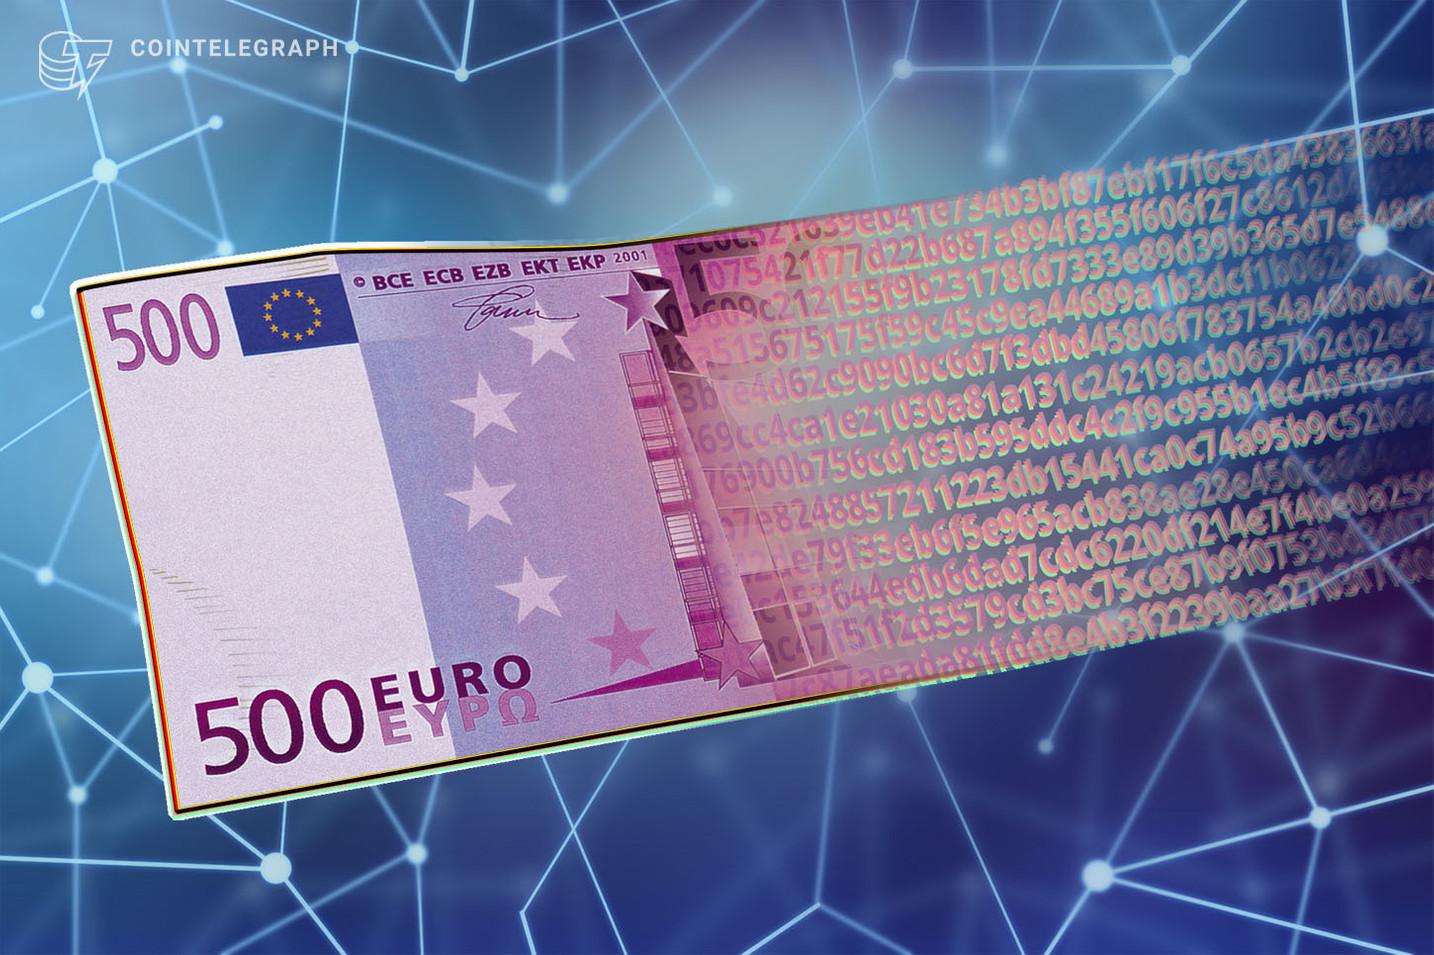 欧洲央行考虑在2021年进行进一步的数字欧元研究